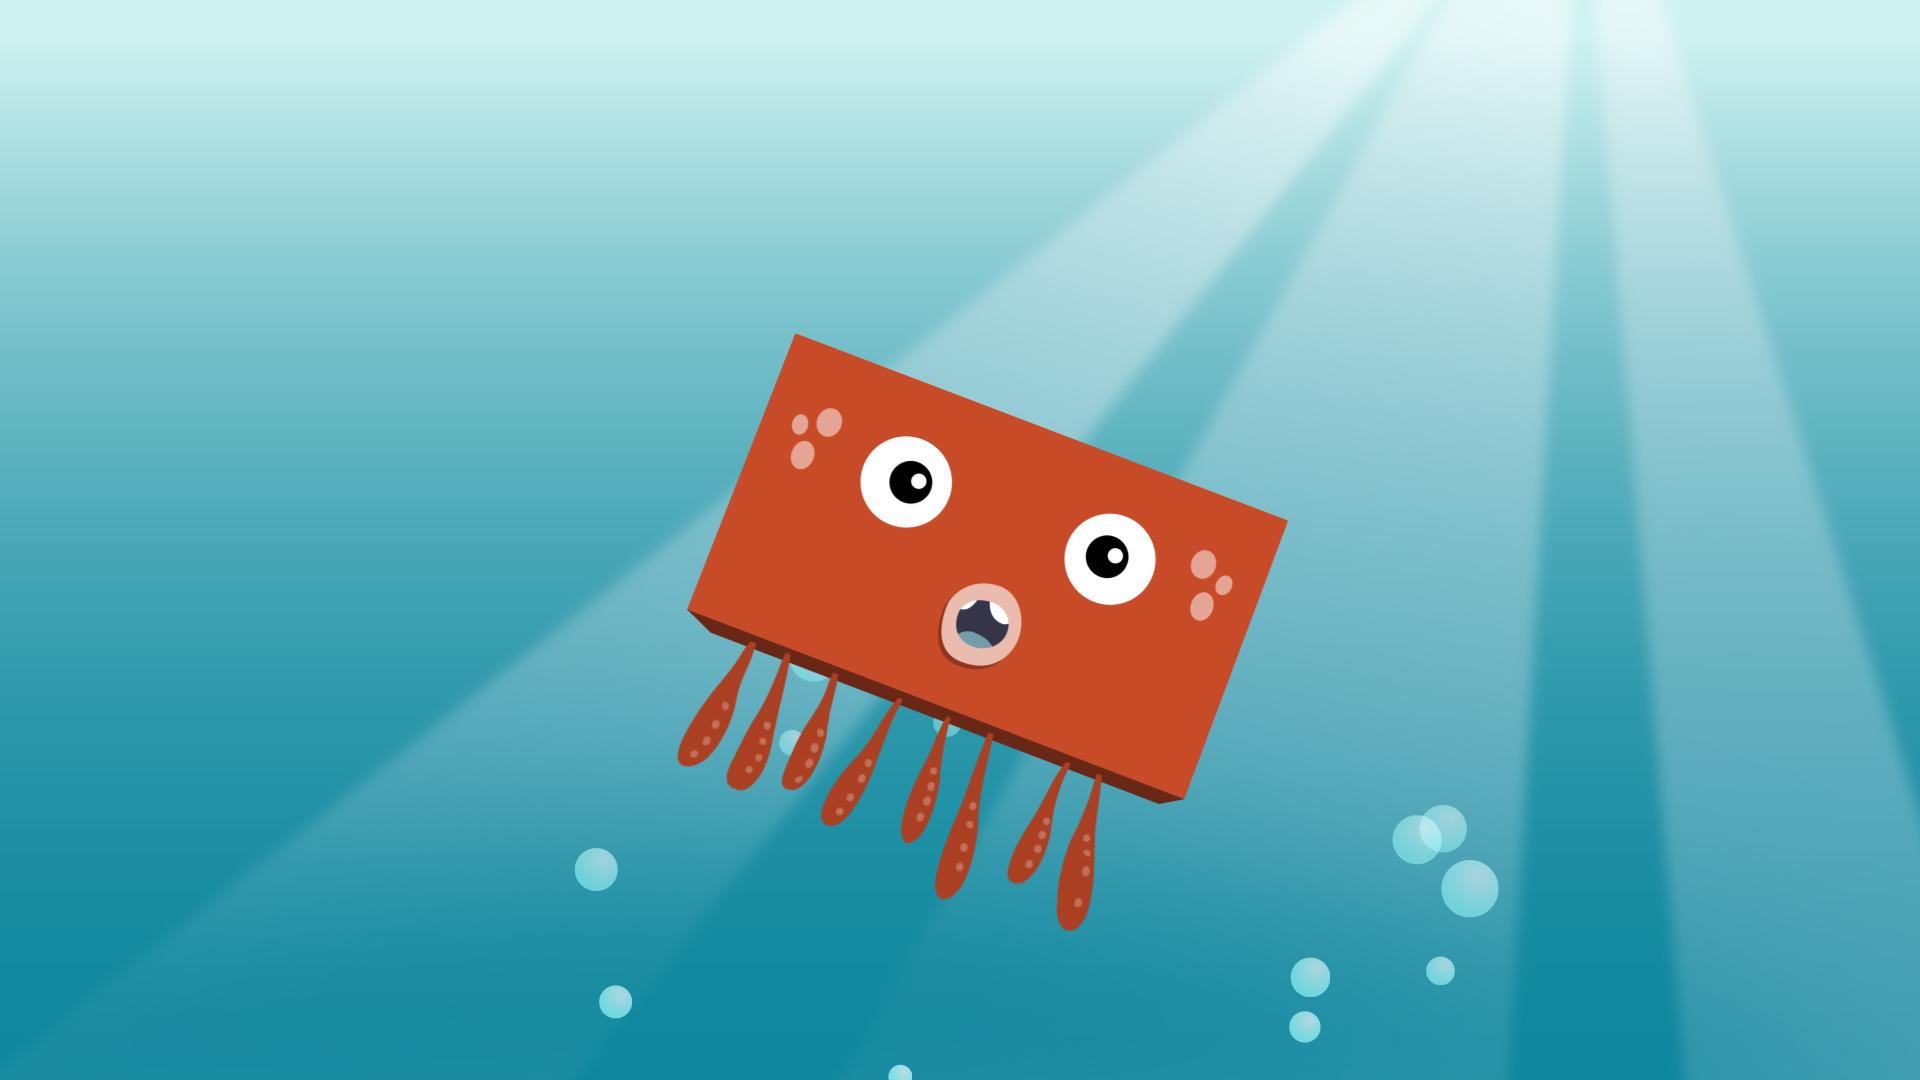 BBSS_108_Octopus_02.jpg